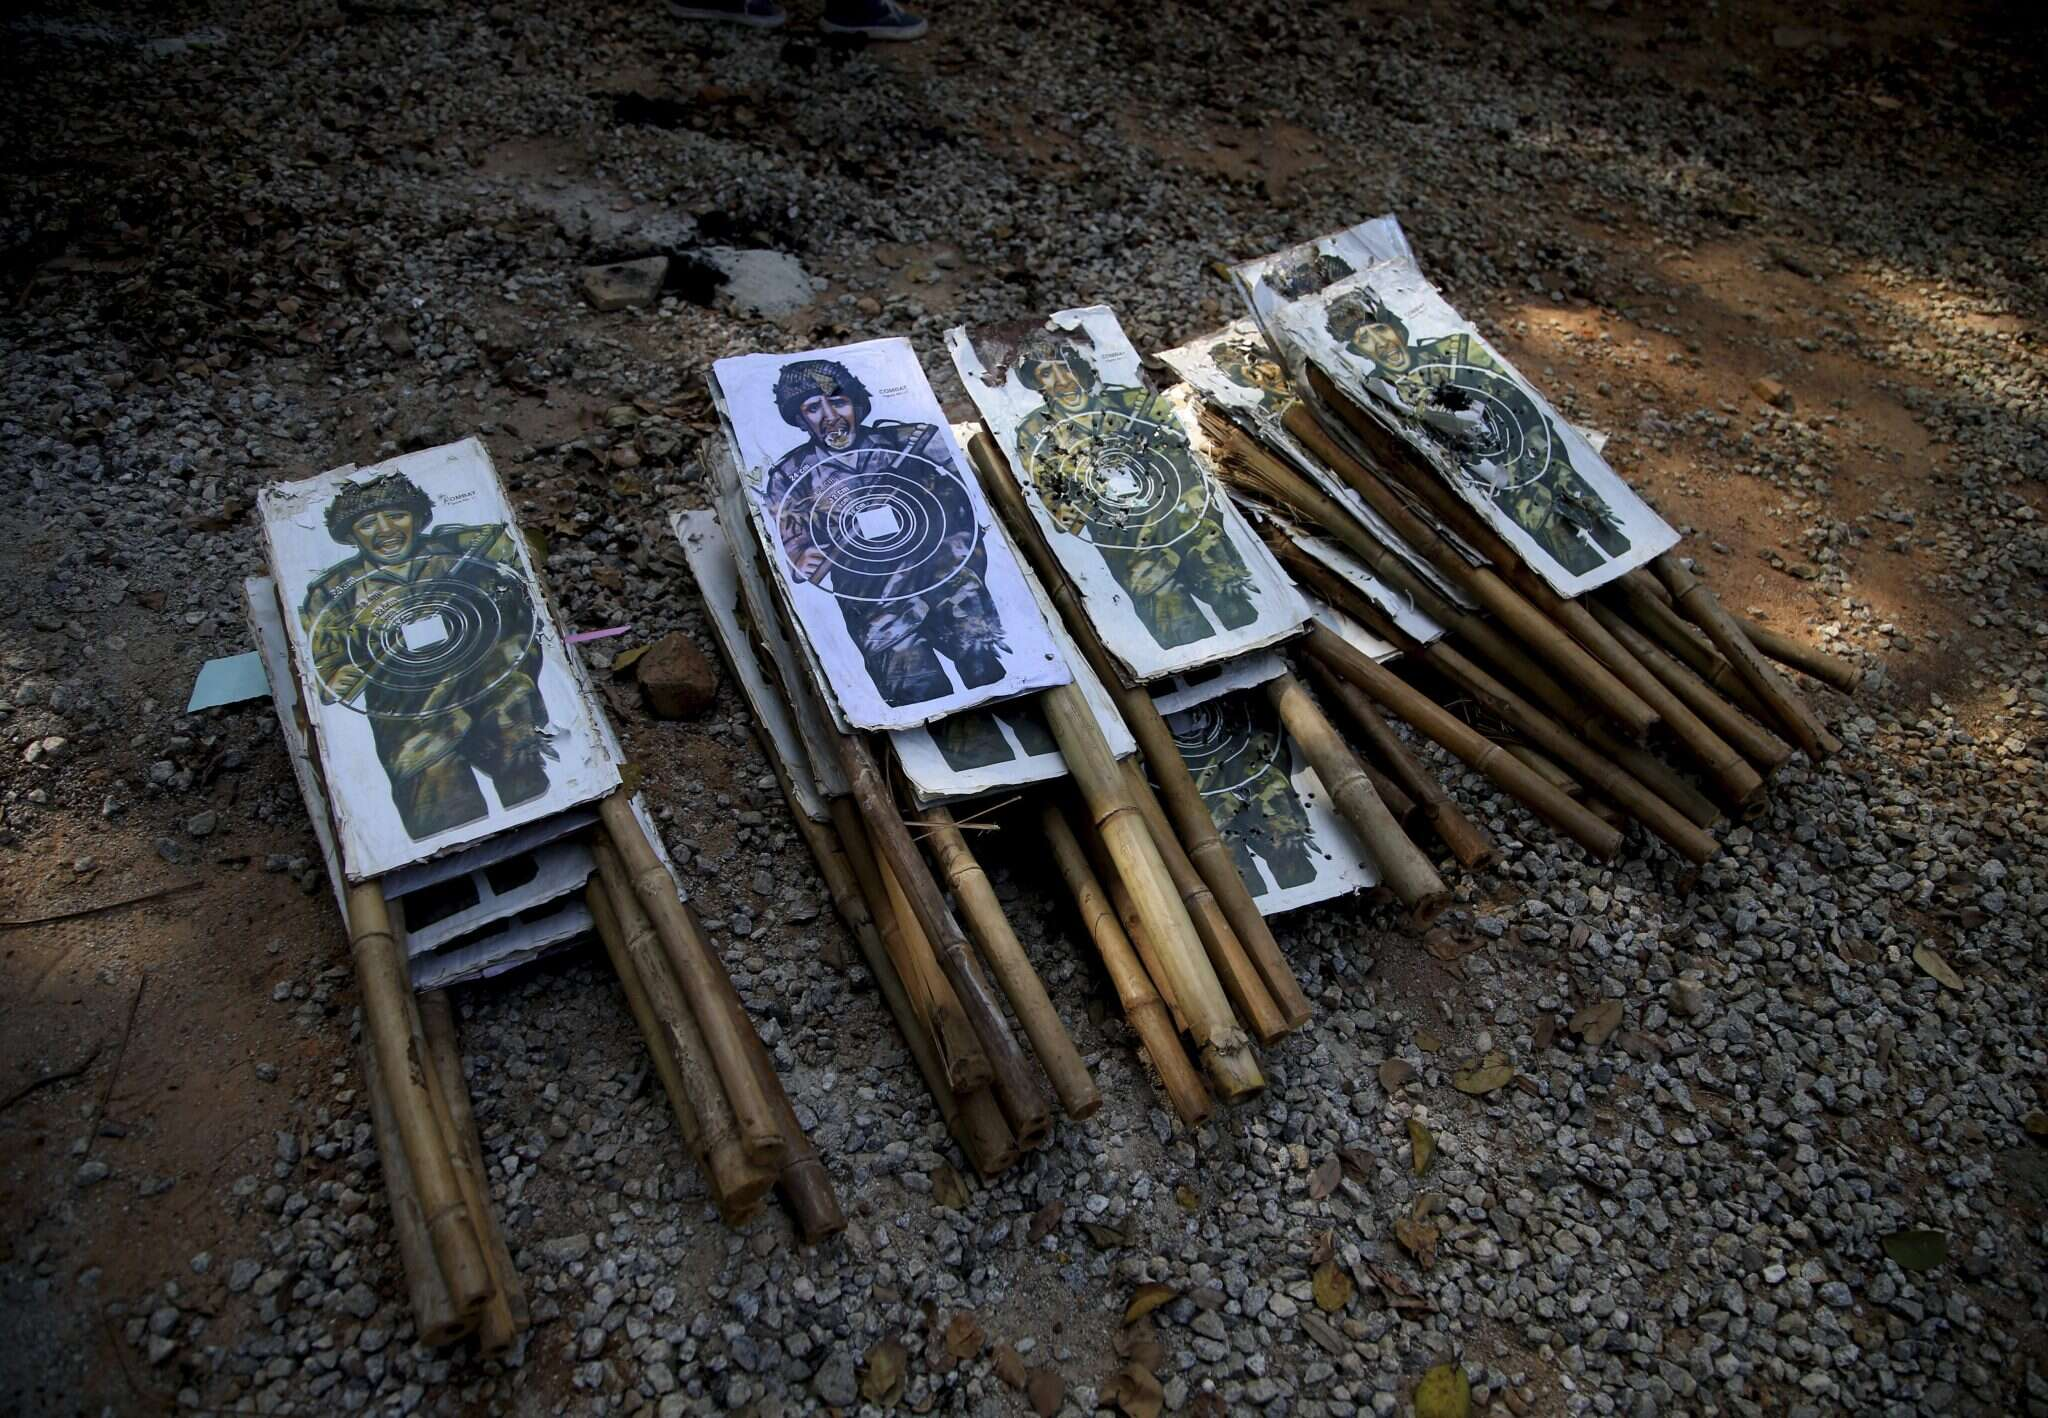 מטרות קרטון באימון צבא הודו. צילום: AP